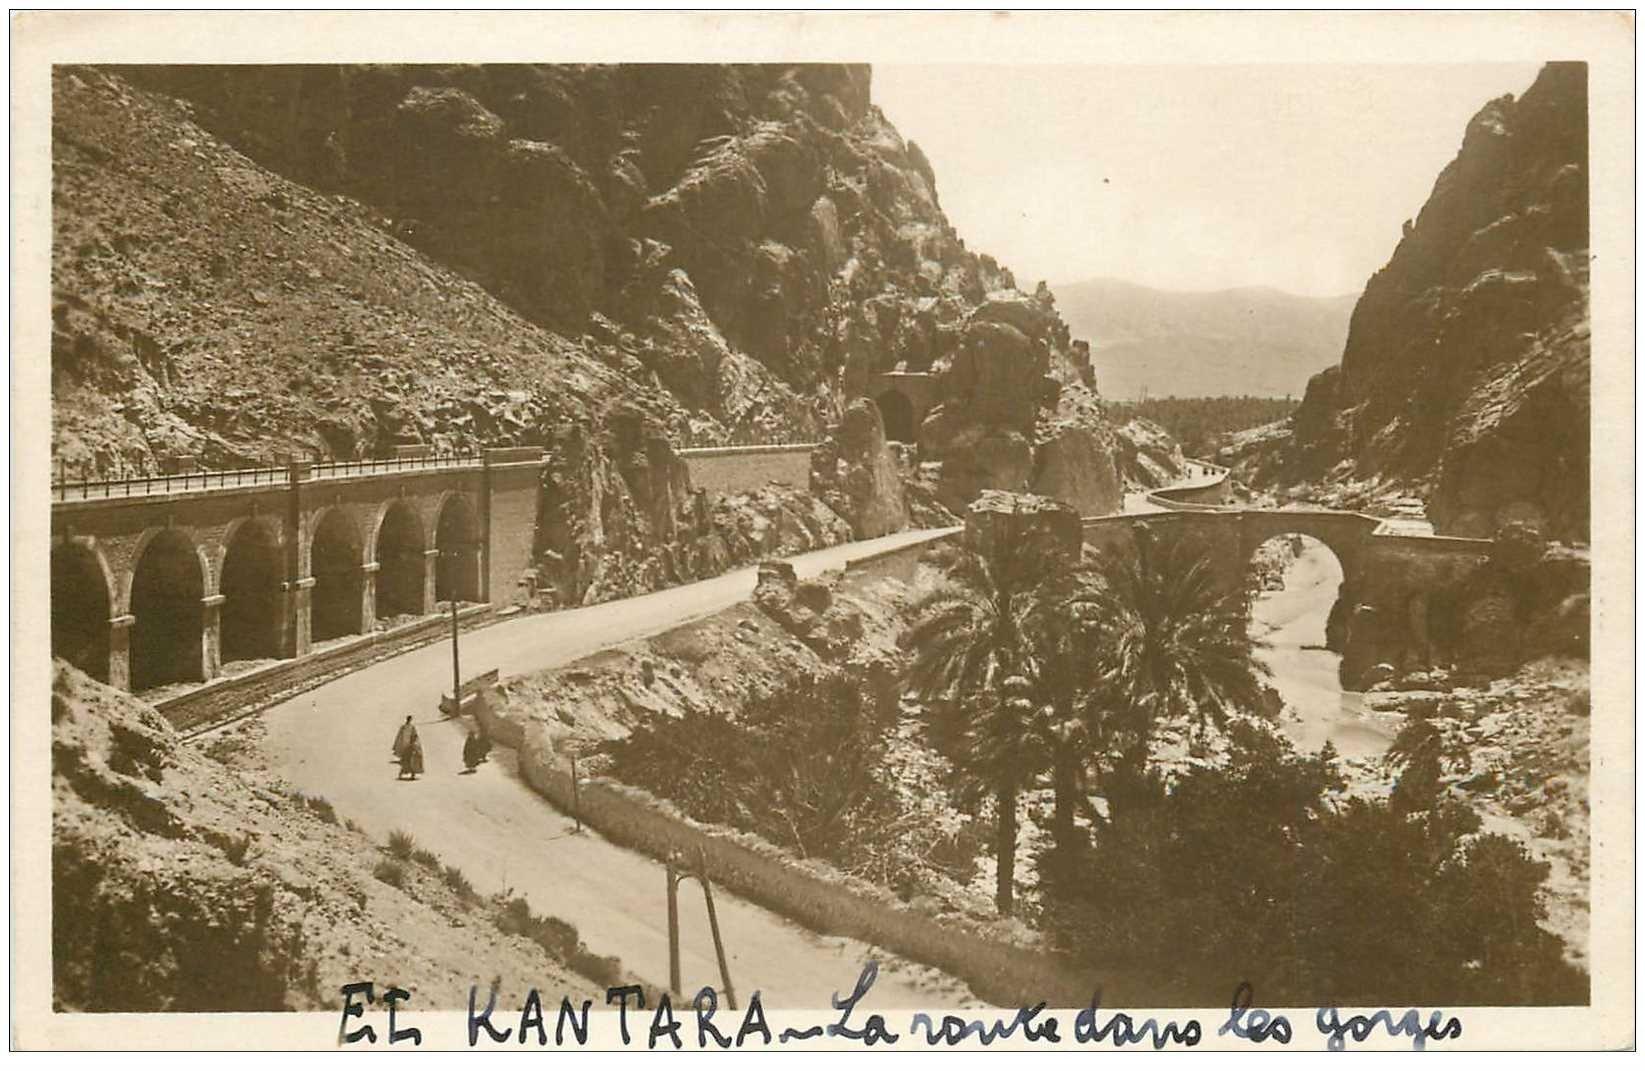 carte postale ancienne Algérie. EL KANTARA. Porte du Désert et Pont Romain dans les Gorges